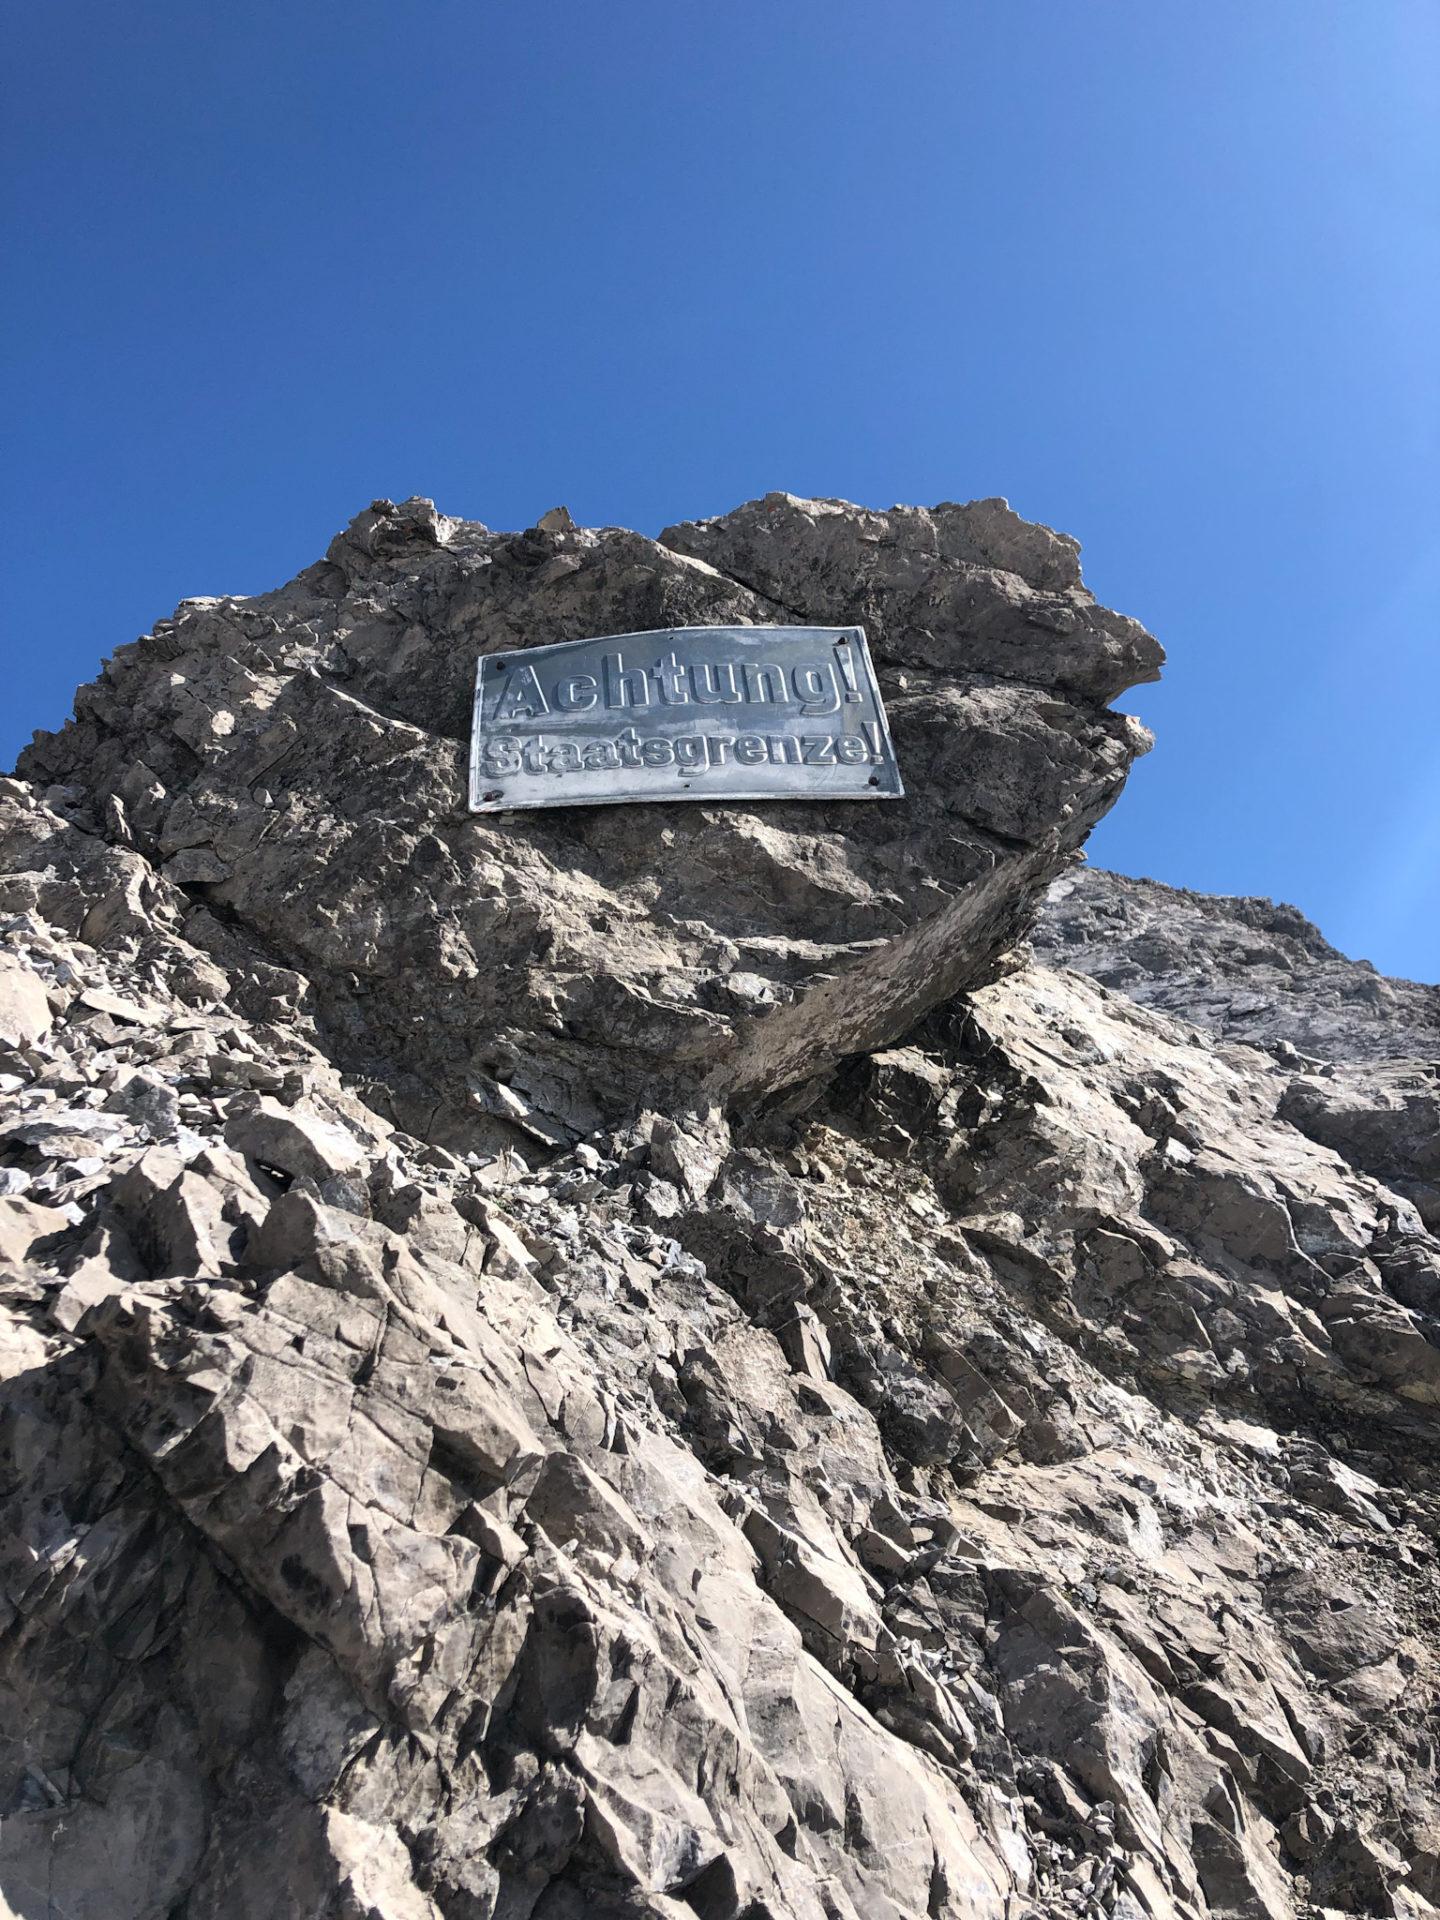 Panneau de passage de frontière sur le Heilbronner weg dans les Alpes d'Allgäu en Bavière